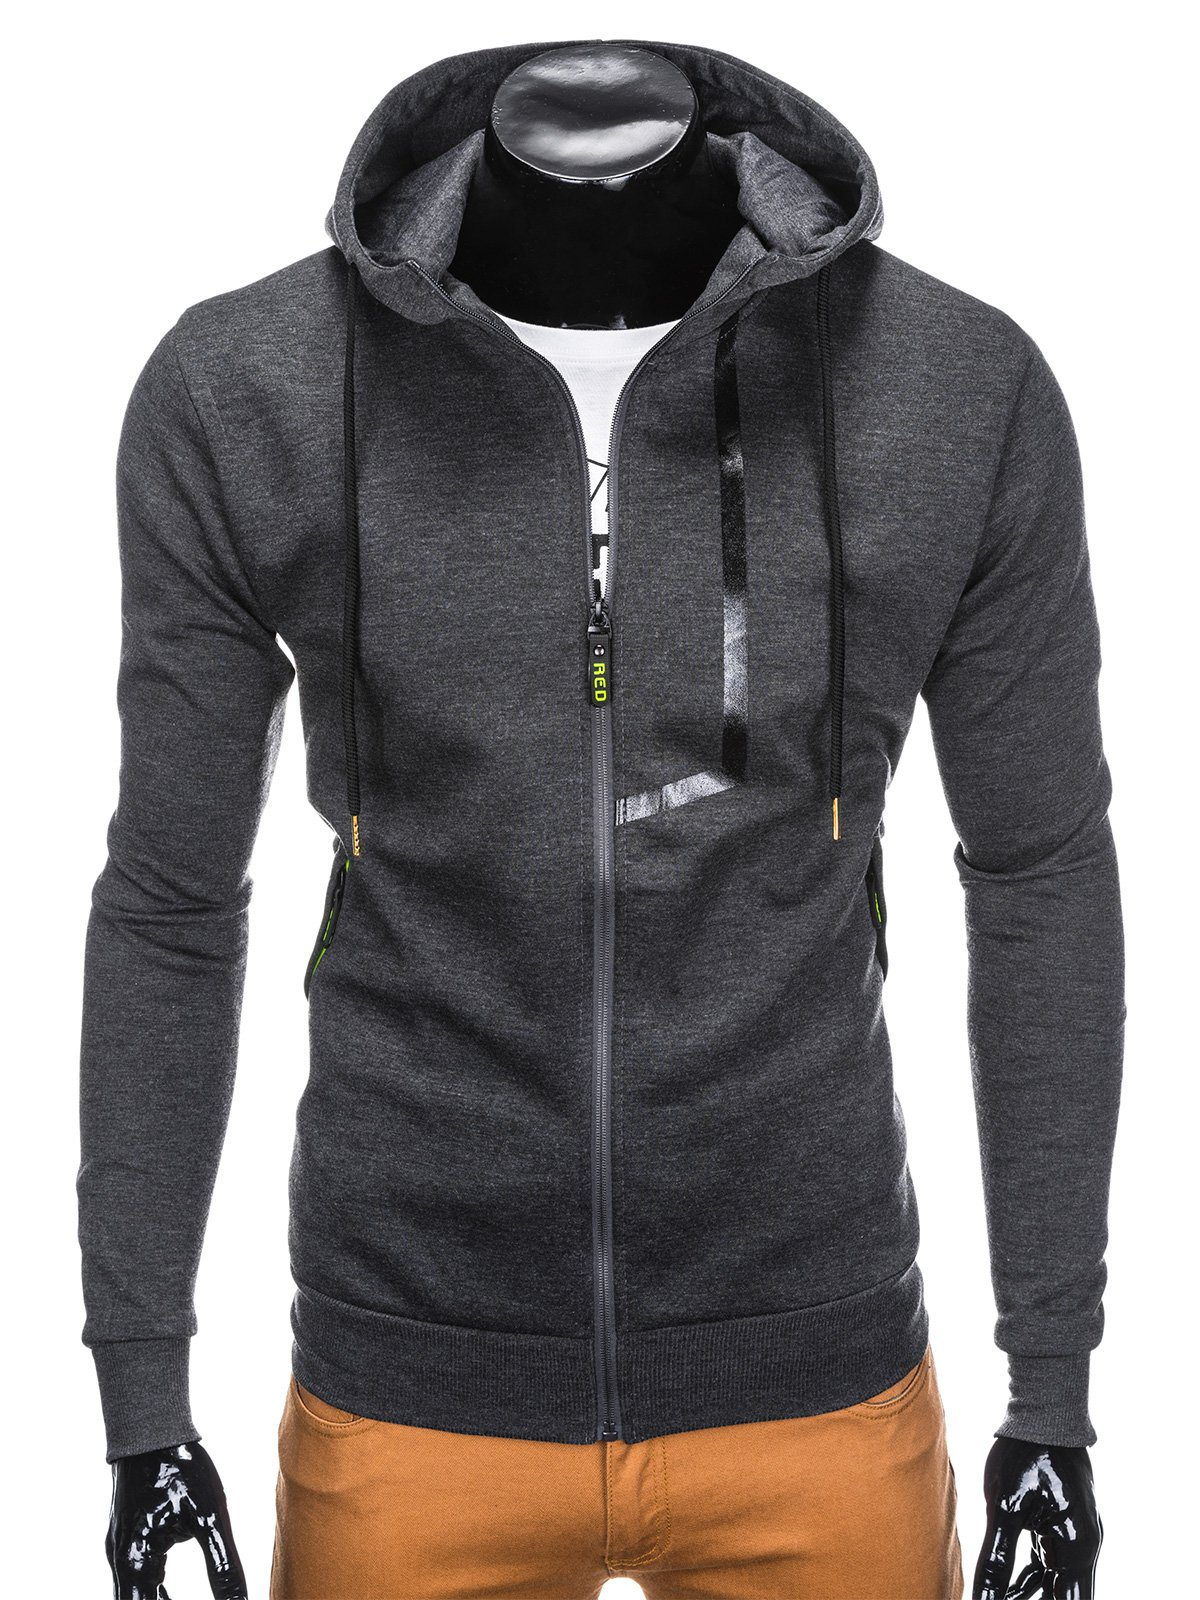 3ea4f55efb523a Bluza męska rozpinana z kapturem 792B - grafitowa grafitowy | Odzież \ Bluzy  \ Wszystkie Odzież \ Bluzy \ Z kapturem - Edoti.com